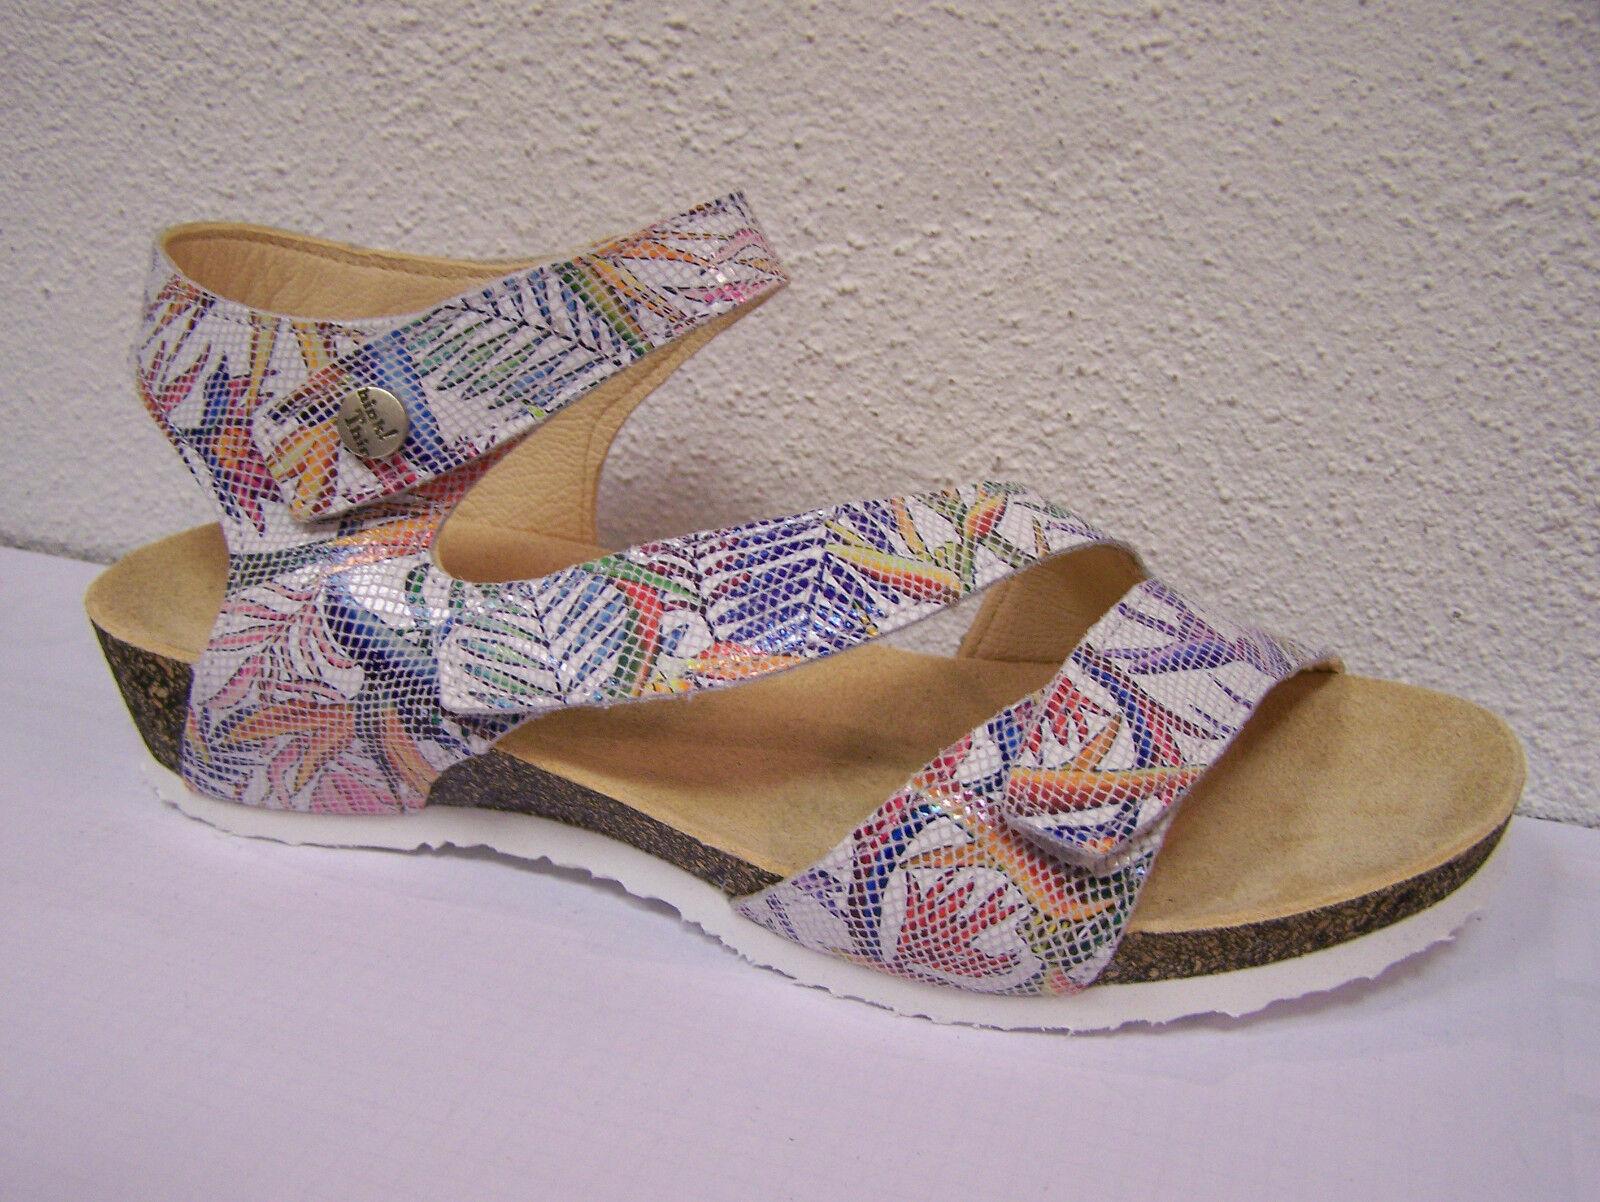 Think dumia blumenprint Zapatos dumia Think Blanco/efecto hippie, blumenprint 3475d6